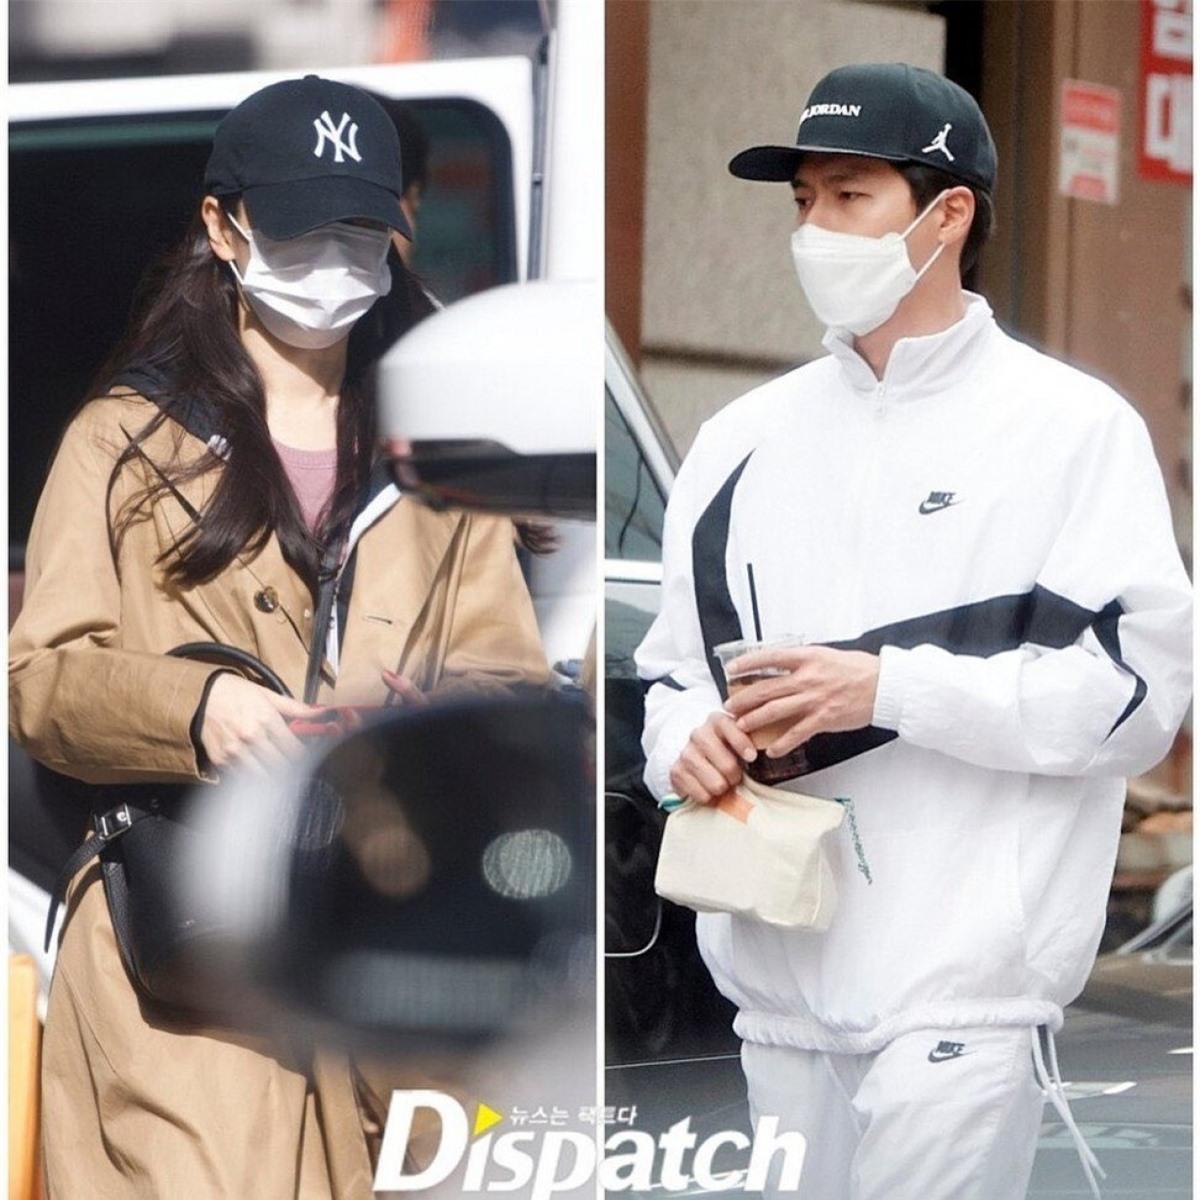 Hình ảnh mới đây của cặp đôi 'BinJin' cùng đi tập thể thao.